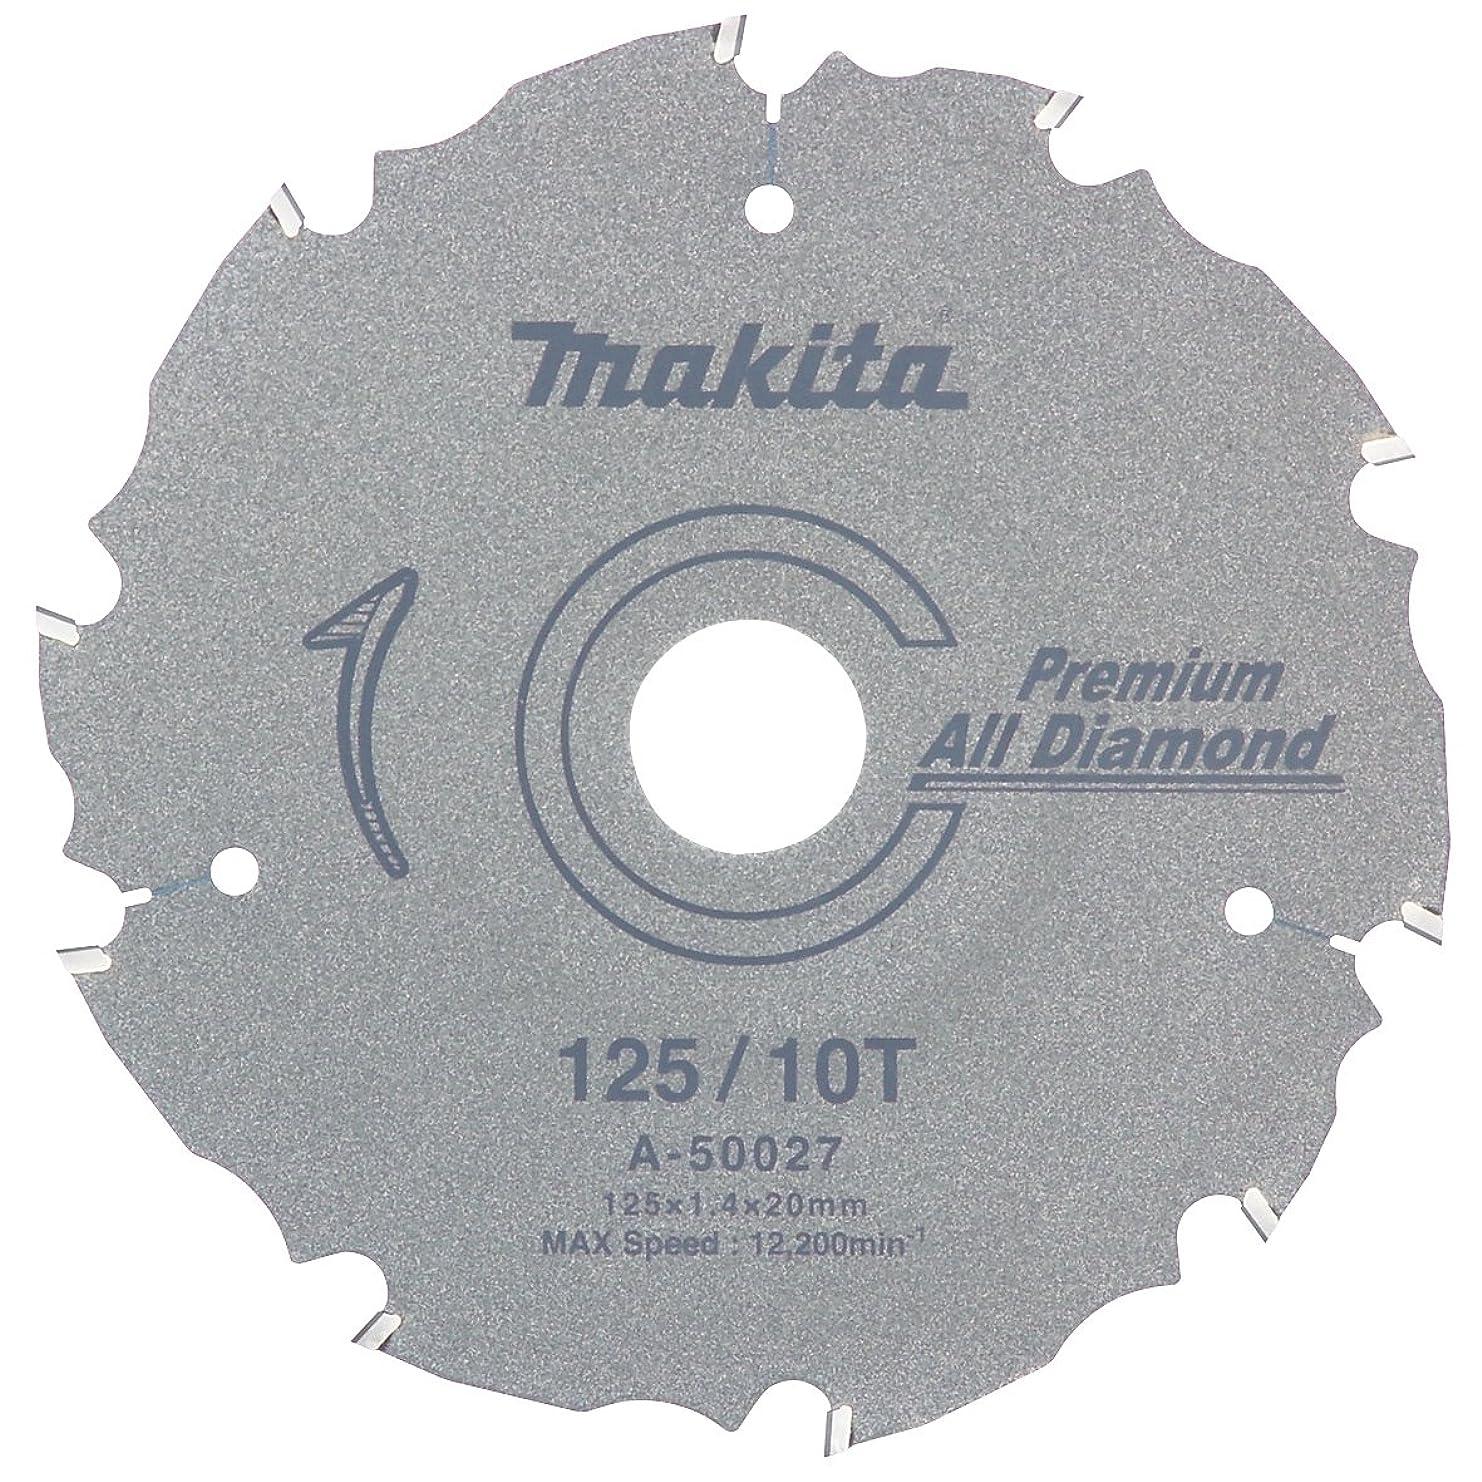 キャンバス過ちタブレットマキタ(Makita) プレミアムオールダイヤチップソー 外径125mm 刃数10T A-50027